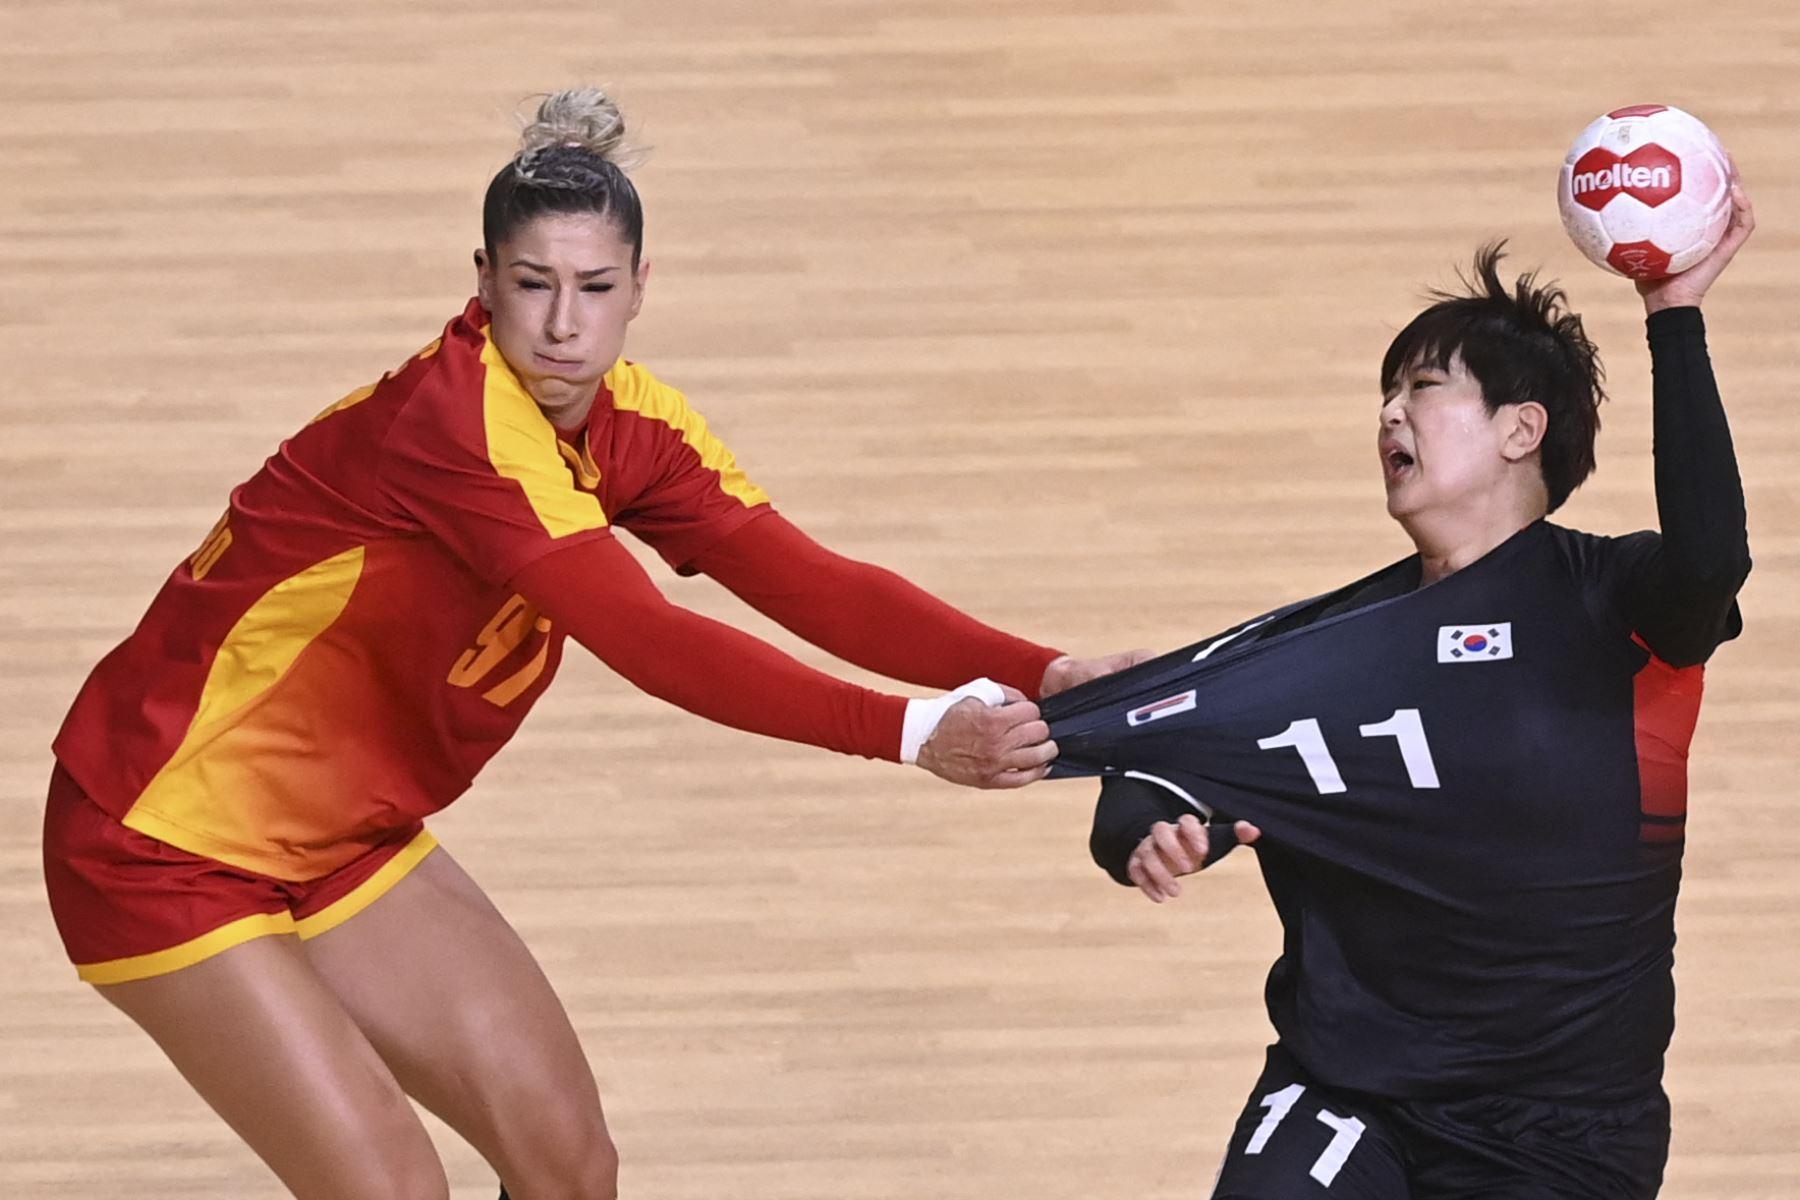 El pivote de Montenegro Nikolina Vukcevic desafía al lateral derecho de Corea del Sur Ryu Eun-hee durante el partido de balonmano del grupo A de los Juegos Olímpicos de Tokio 2020, en el Estadio Nacional Yoyogi. Foto: AFP